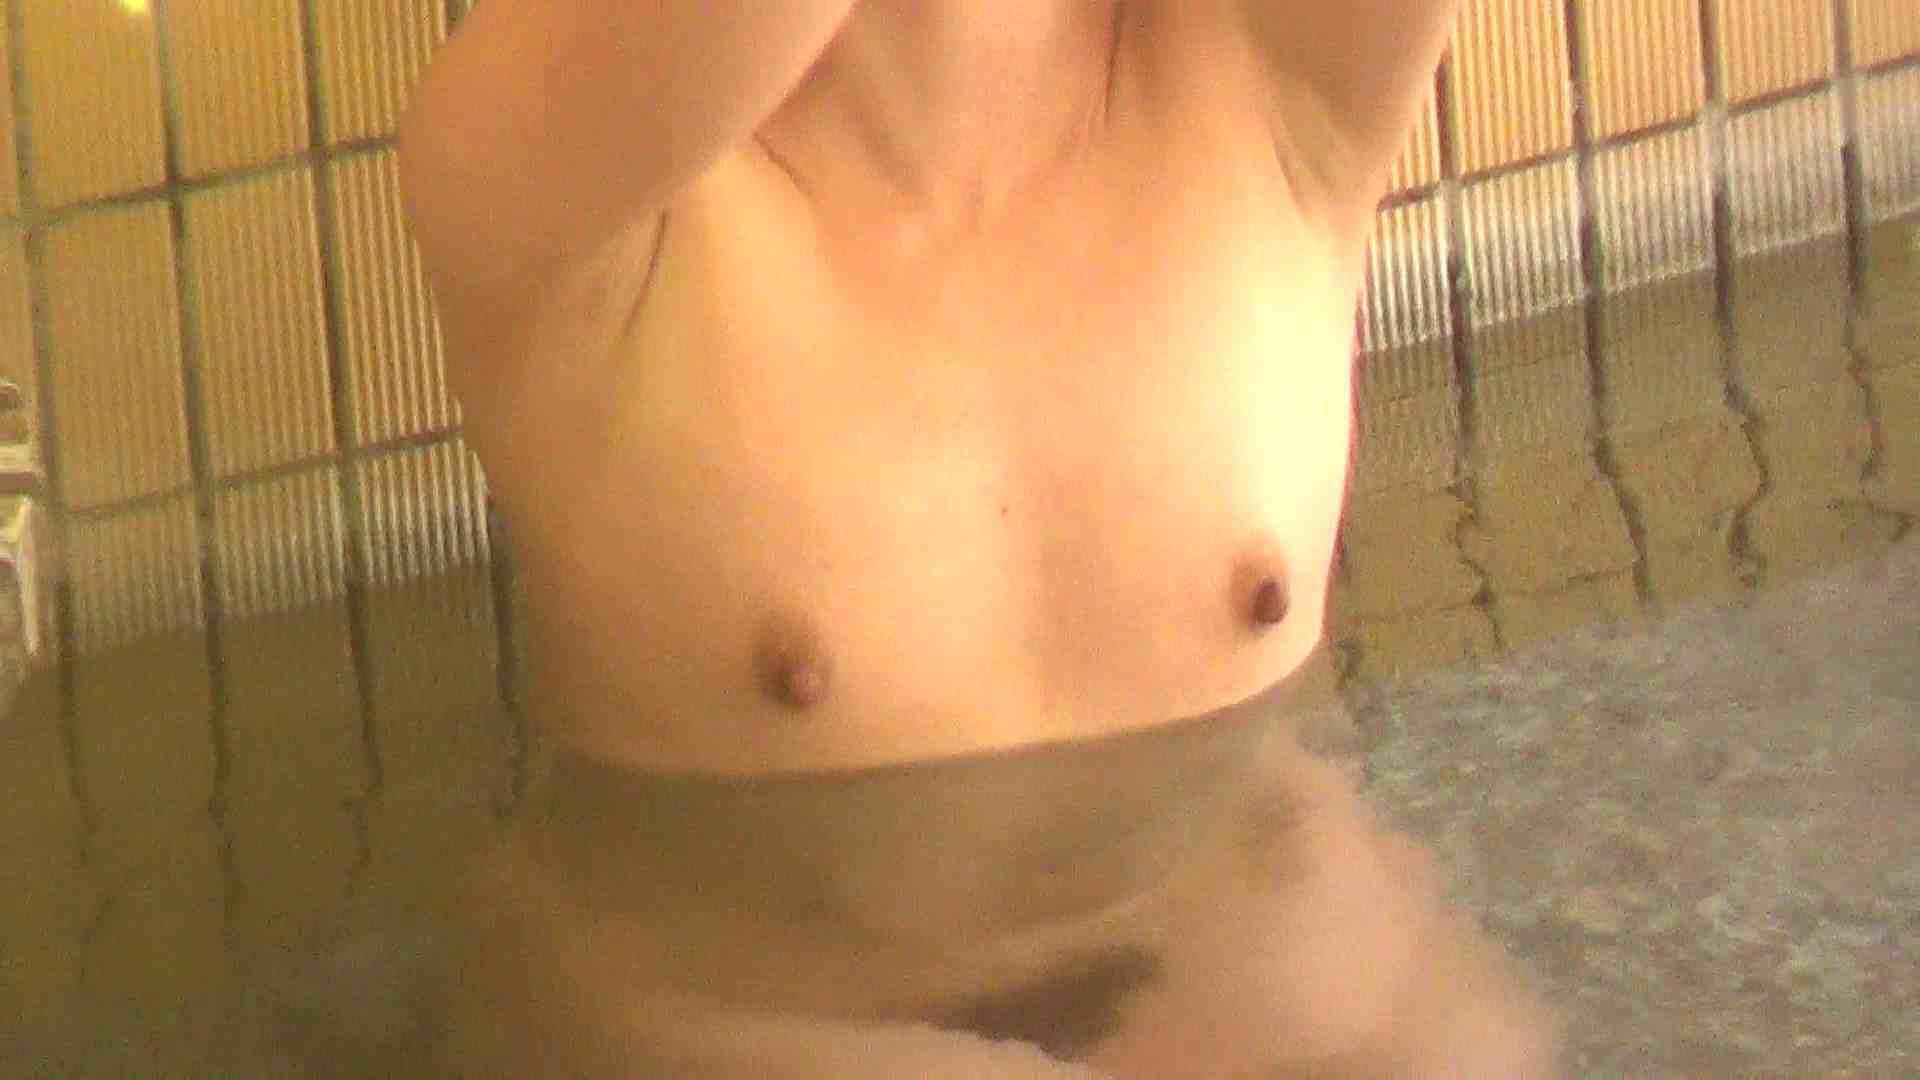 ハイビジョンVol.14 年齢とともに大きくなる心と乳首 乳首 濡れ場動画紹介 110枚 95